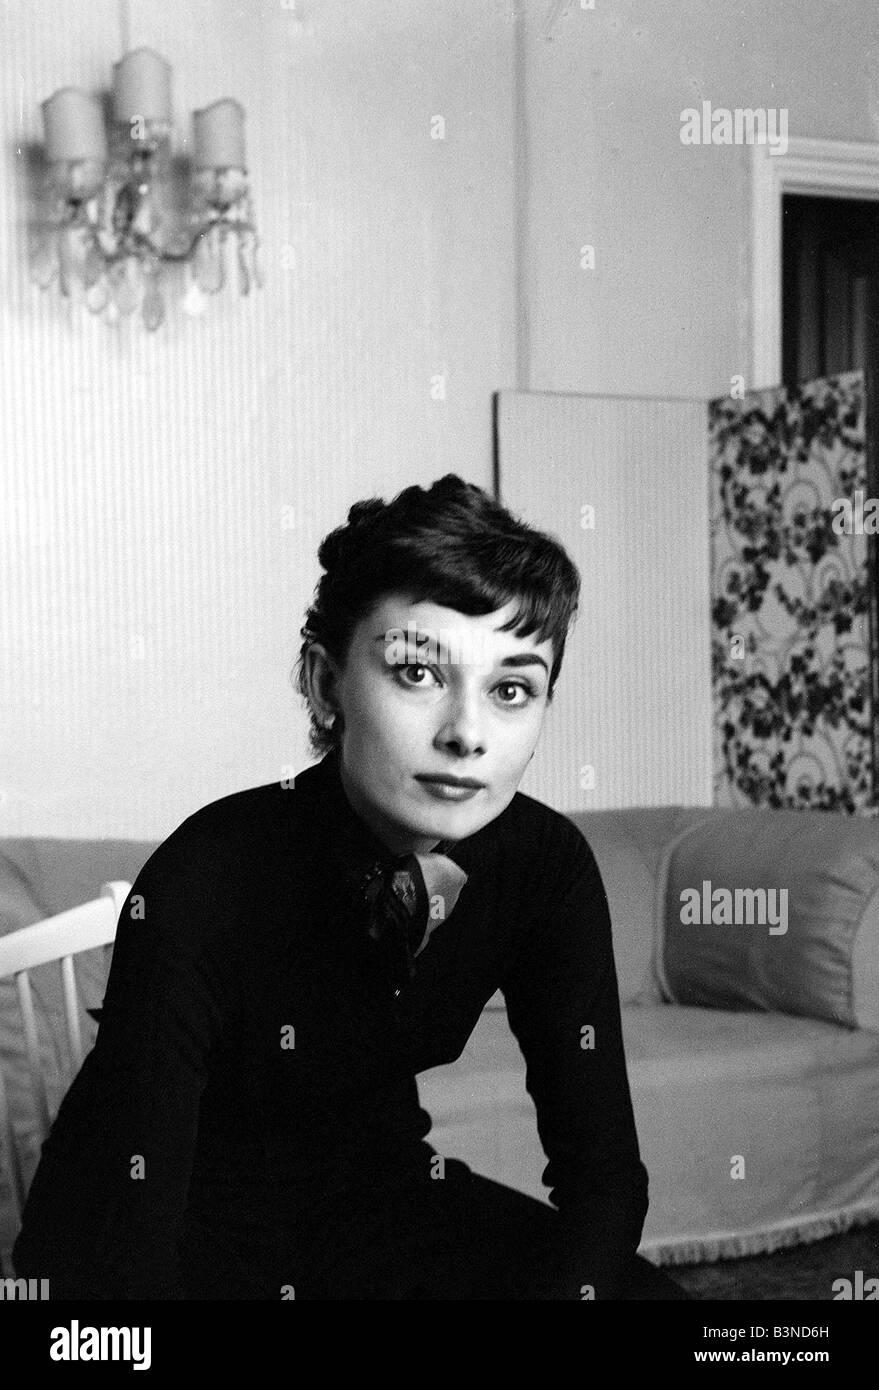 Audrey Hepburn Actress September 1954 - Stock Image